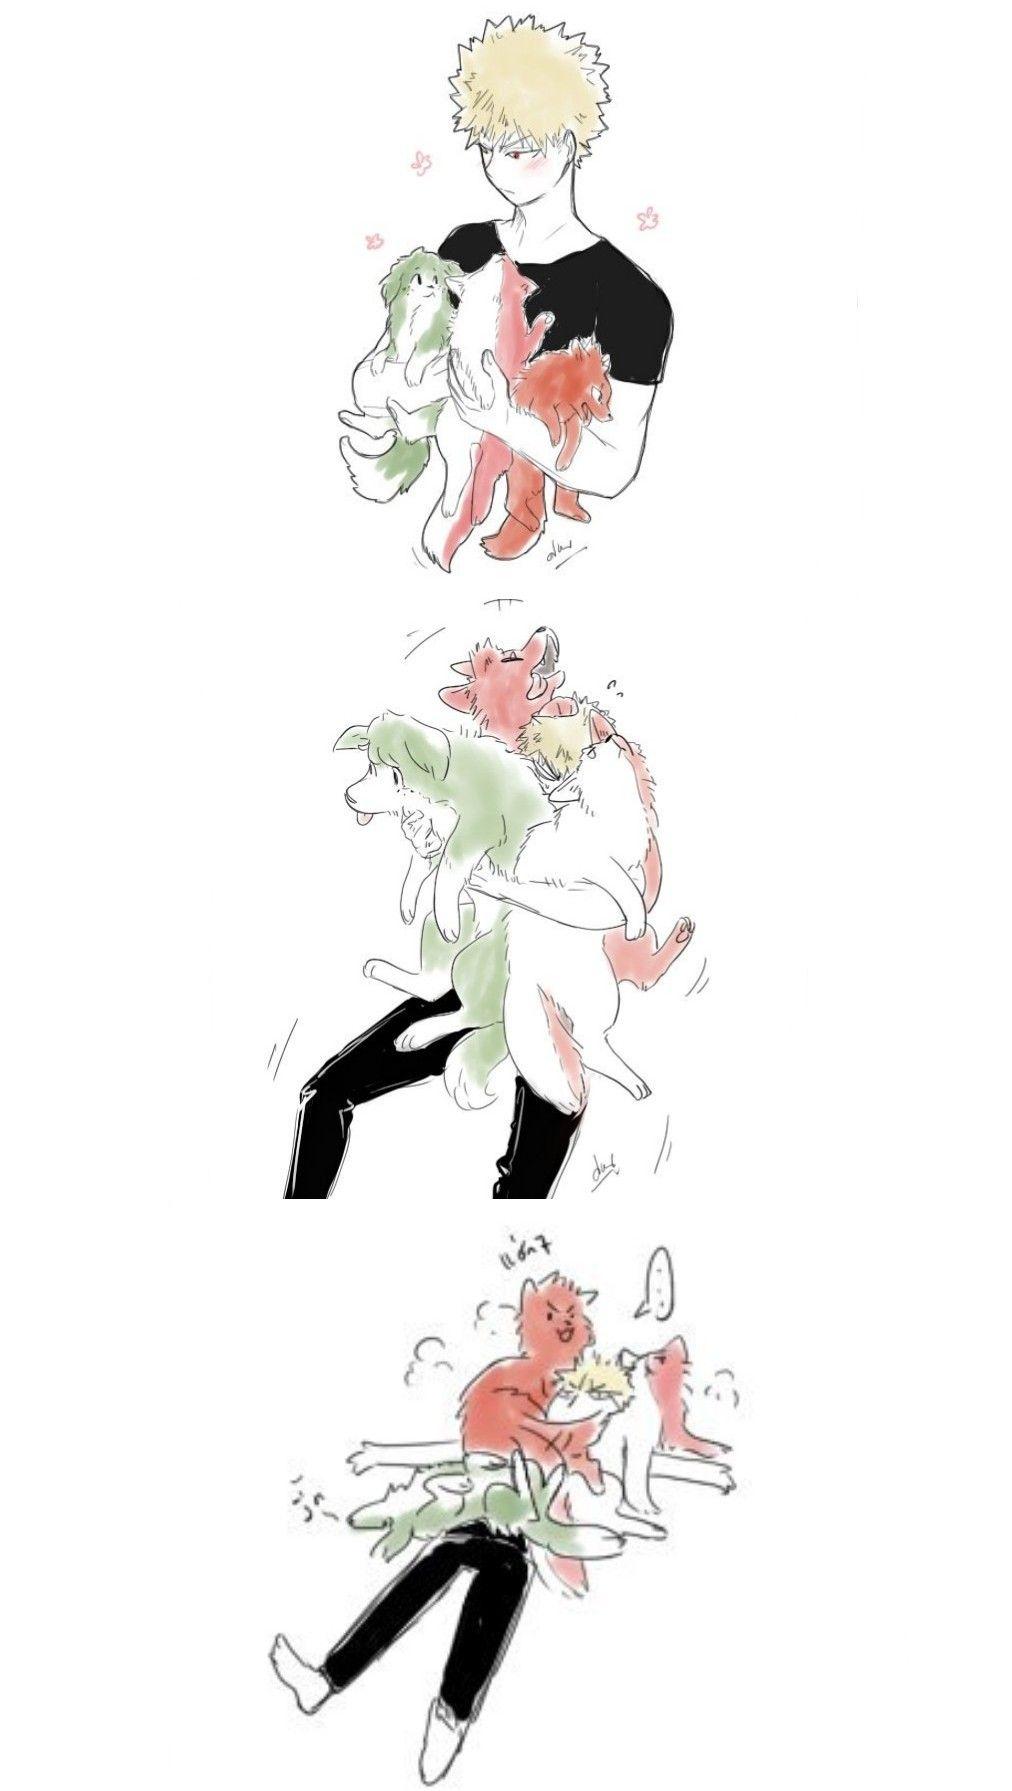 Dog] Midoriya Izuku & Bakugou Katsuki & [Wolf] Todoroki Shouto